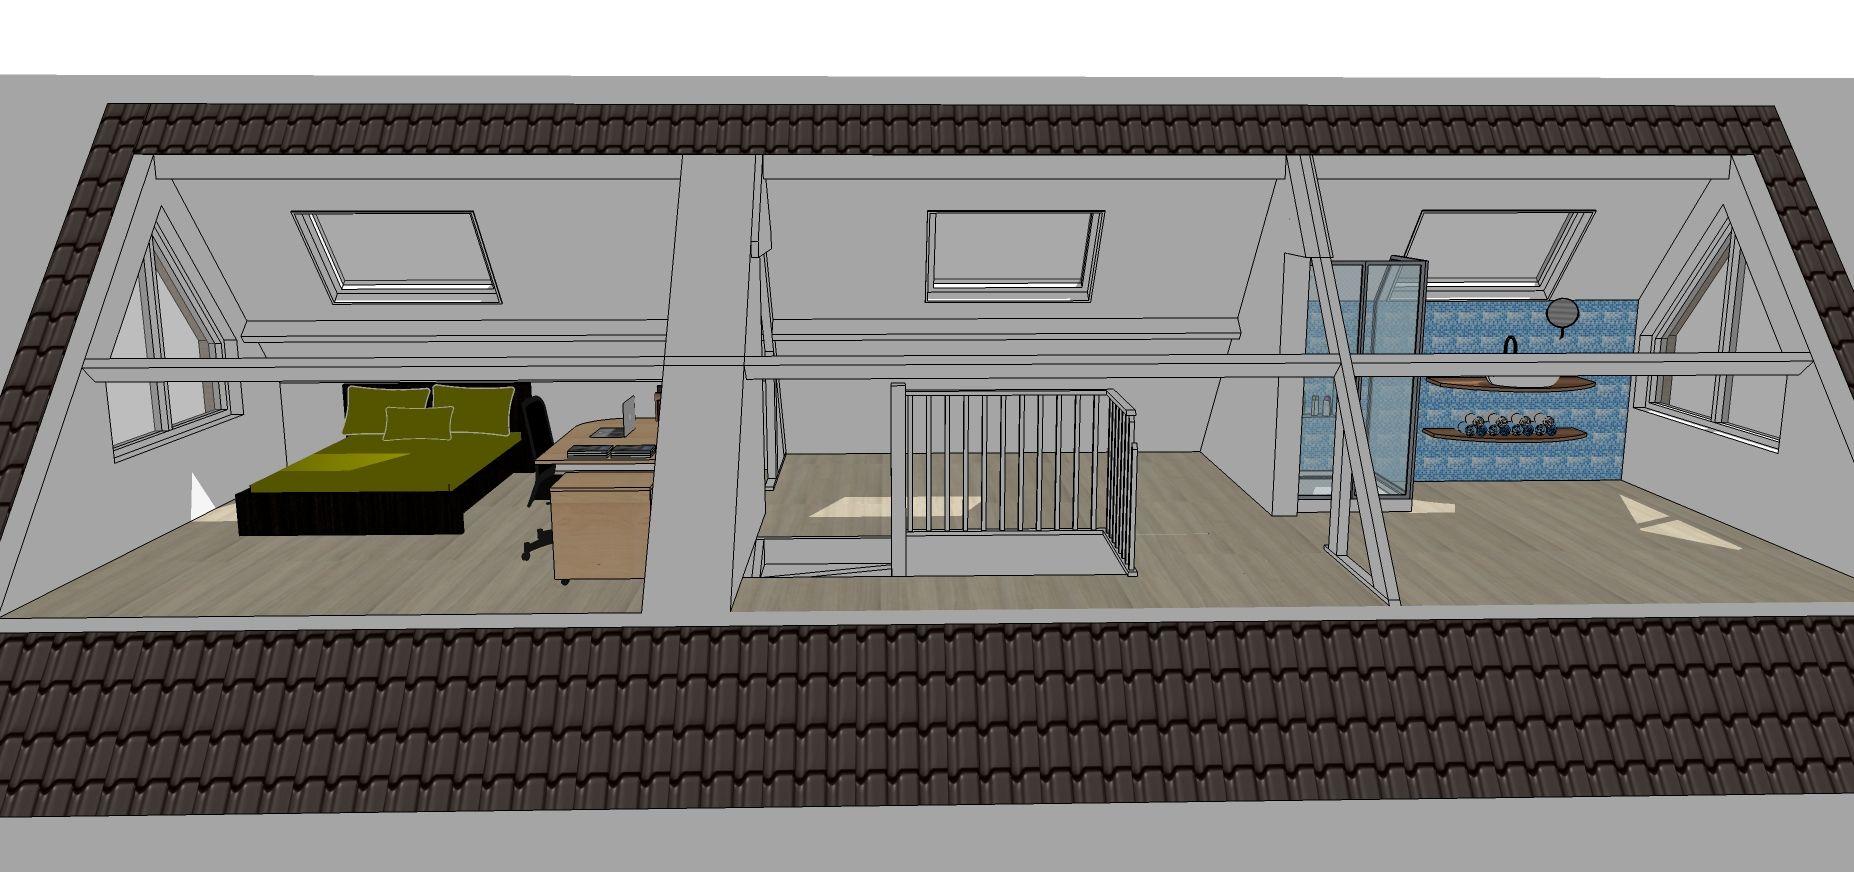 Interieurplannen nieuwe indeling zolder slaapkamer #plattegrond ...